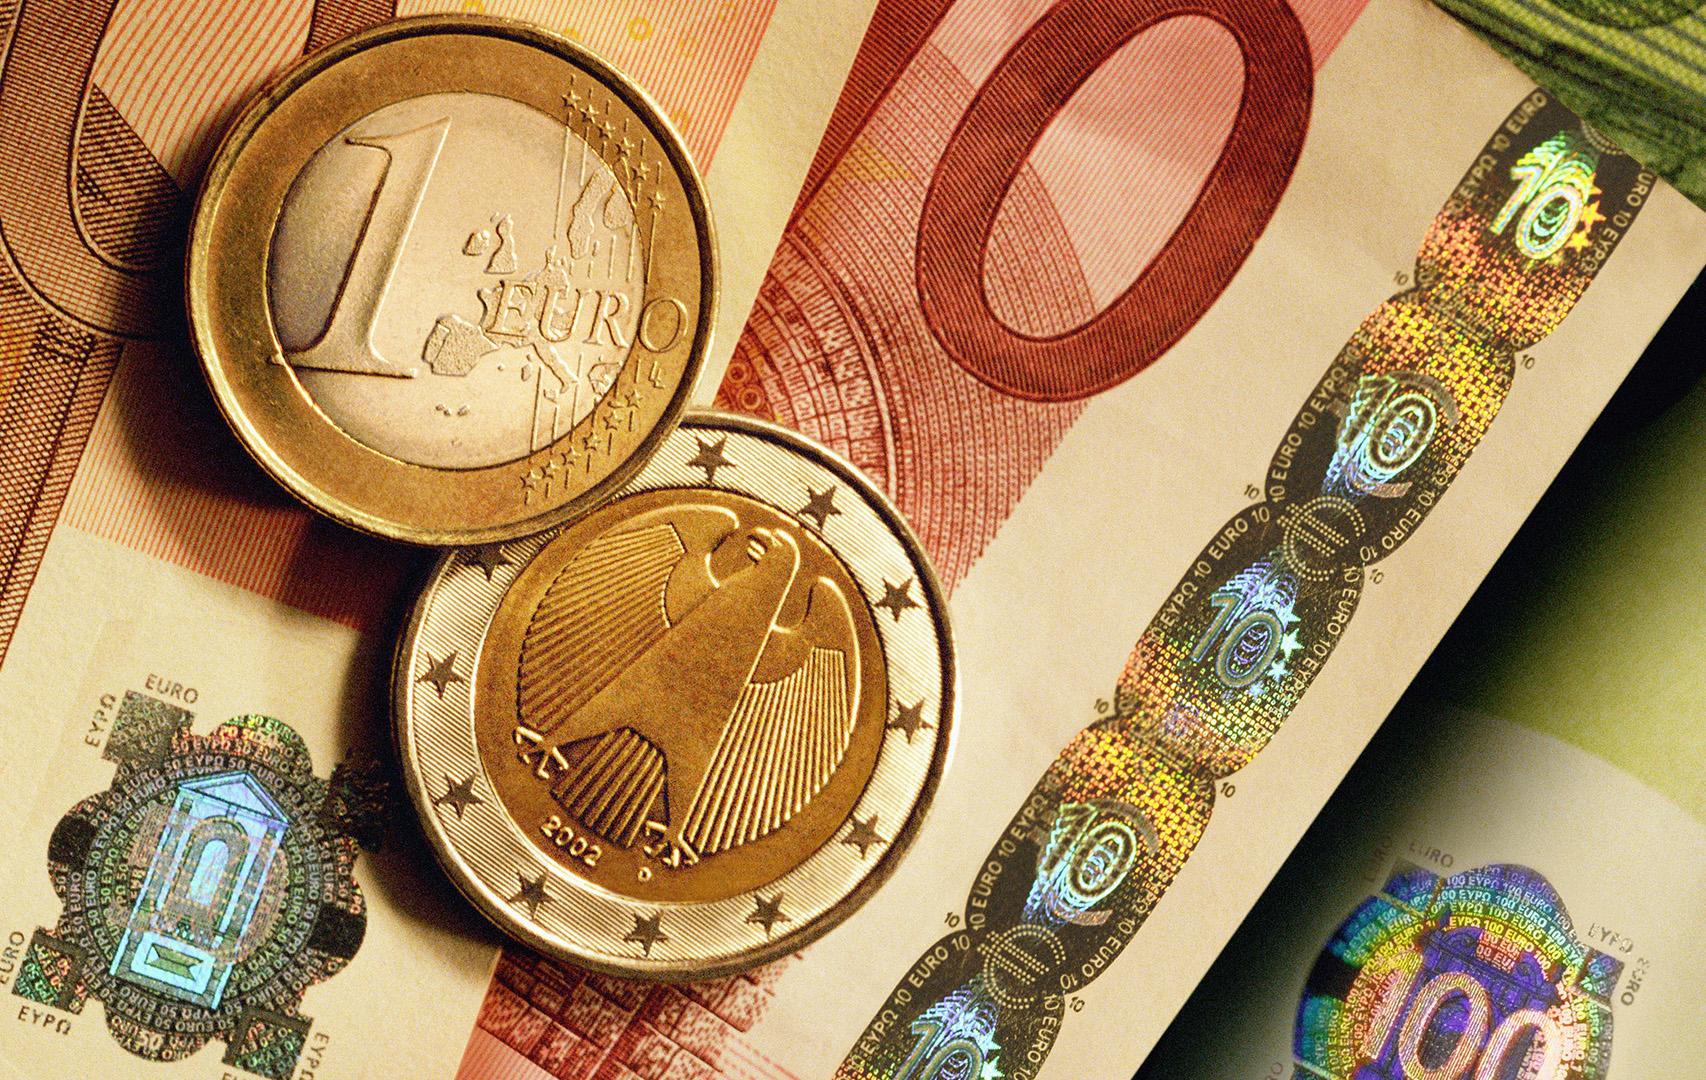 Euros-Coins.jpg